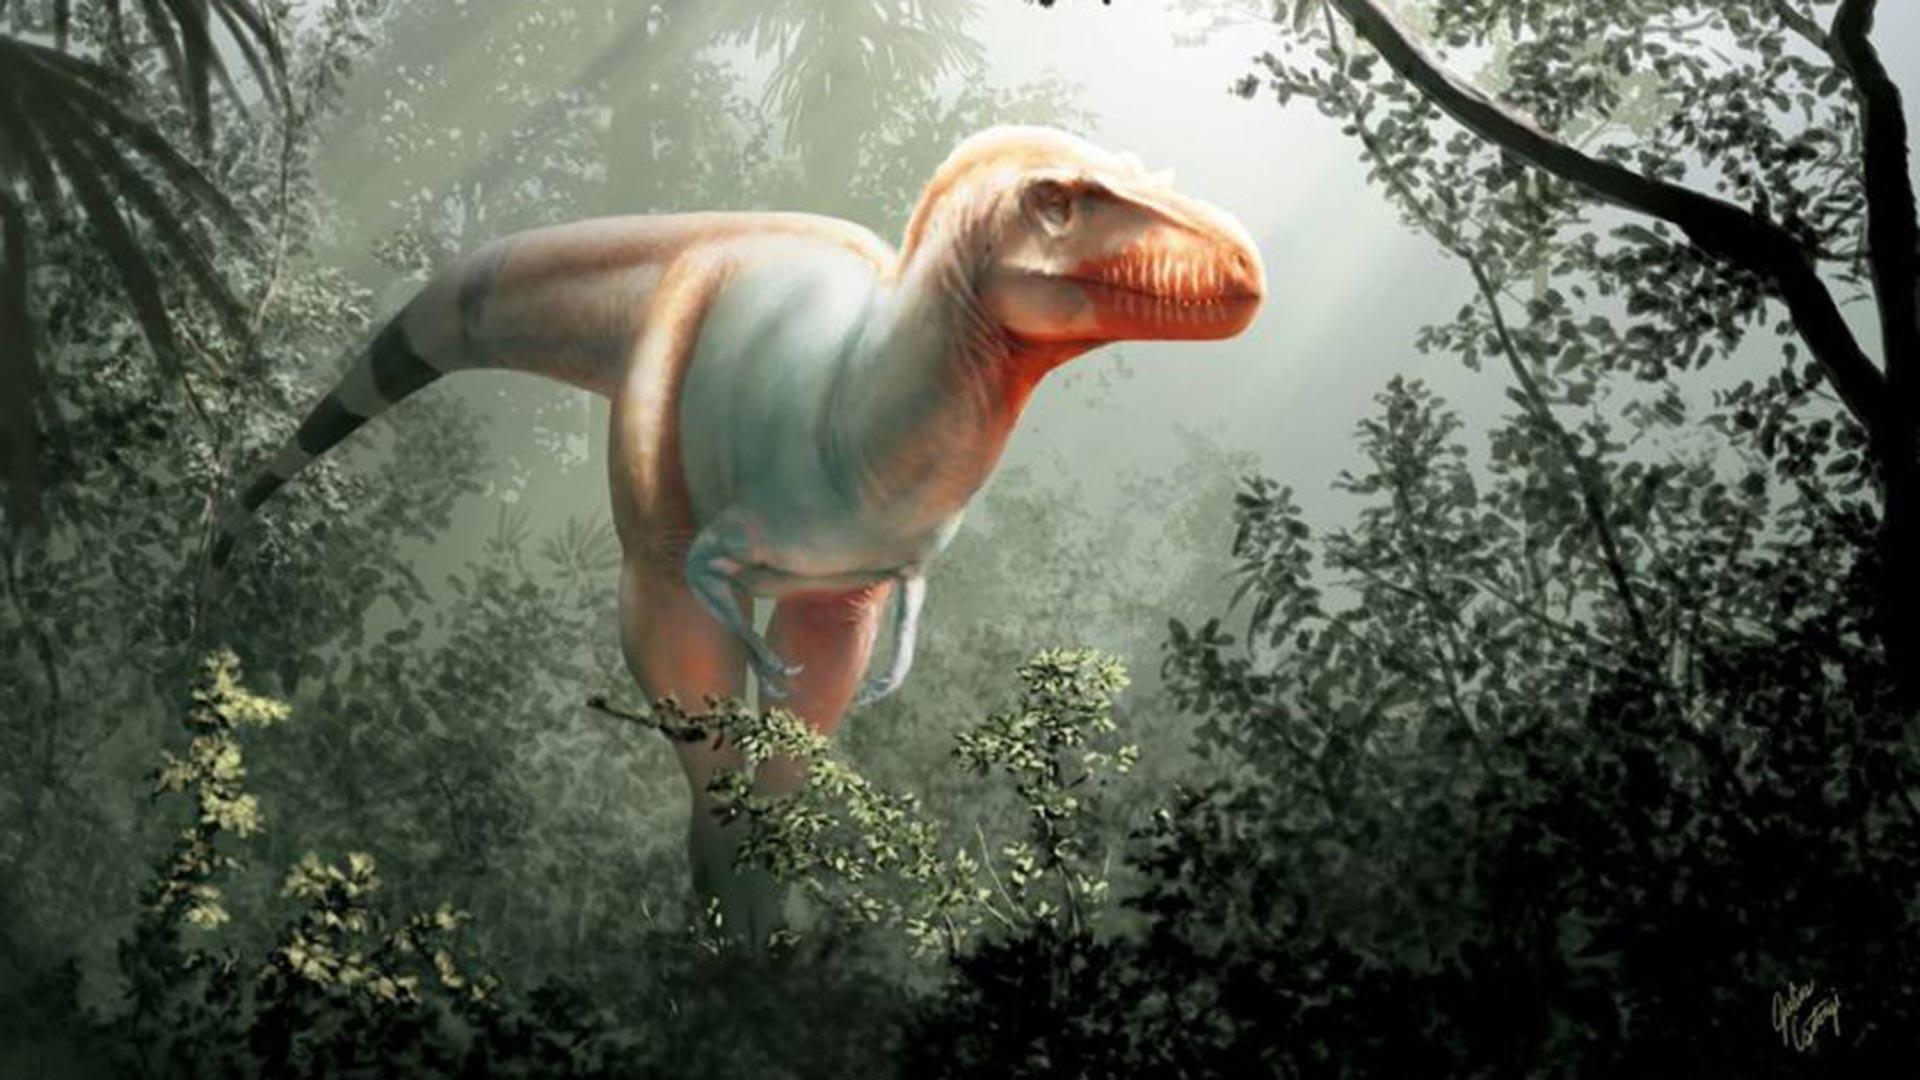 Cinco Asombrosas Nuevas Especies De Dinosaurios Descubiertas En El Ultimo Ano Infobae Dinosaurios vivos reales imagenes recopilacion. cinco asombrosas nuevas especies de